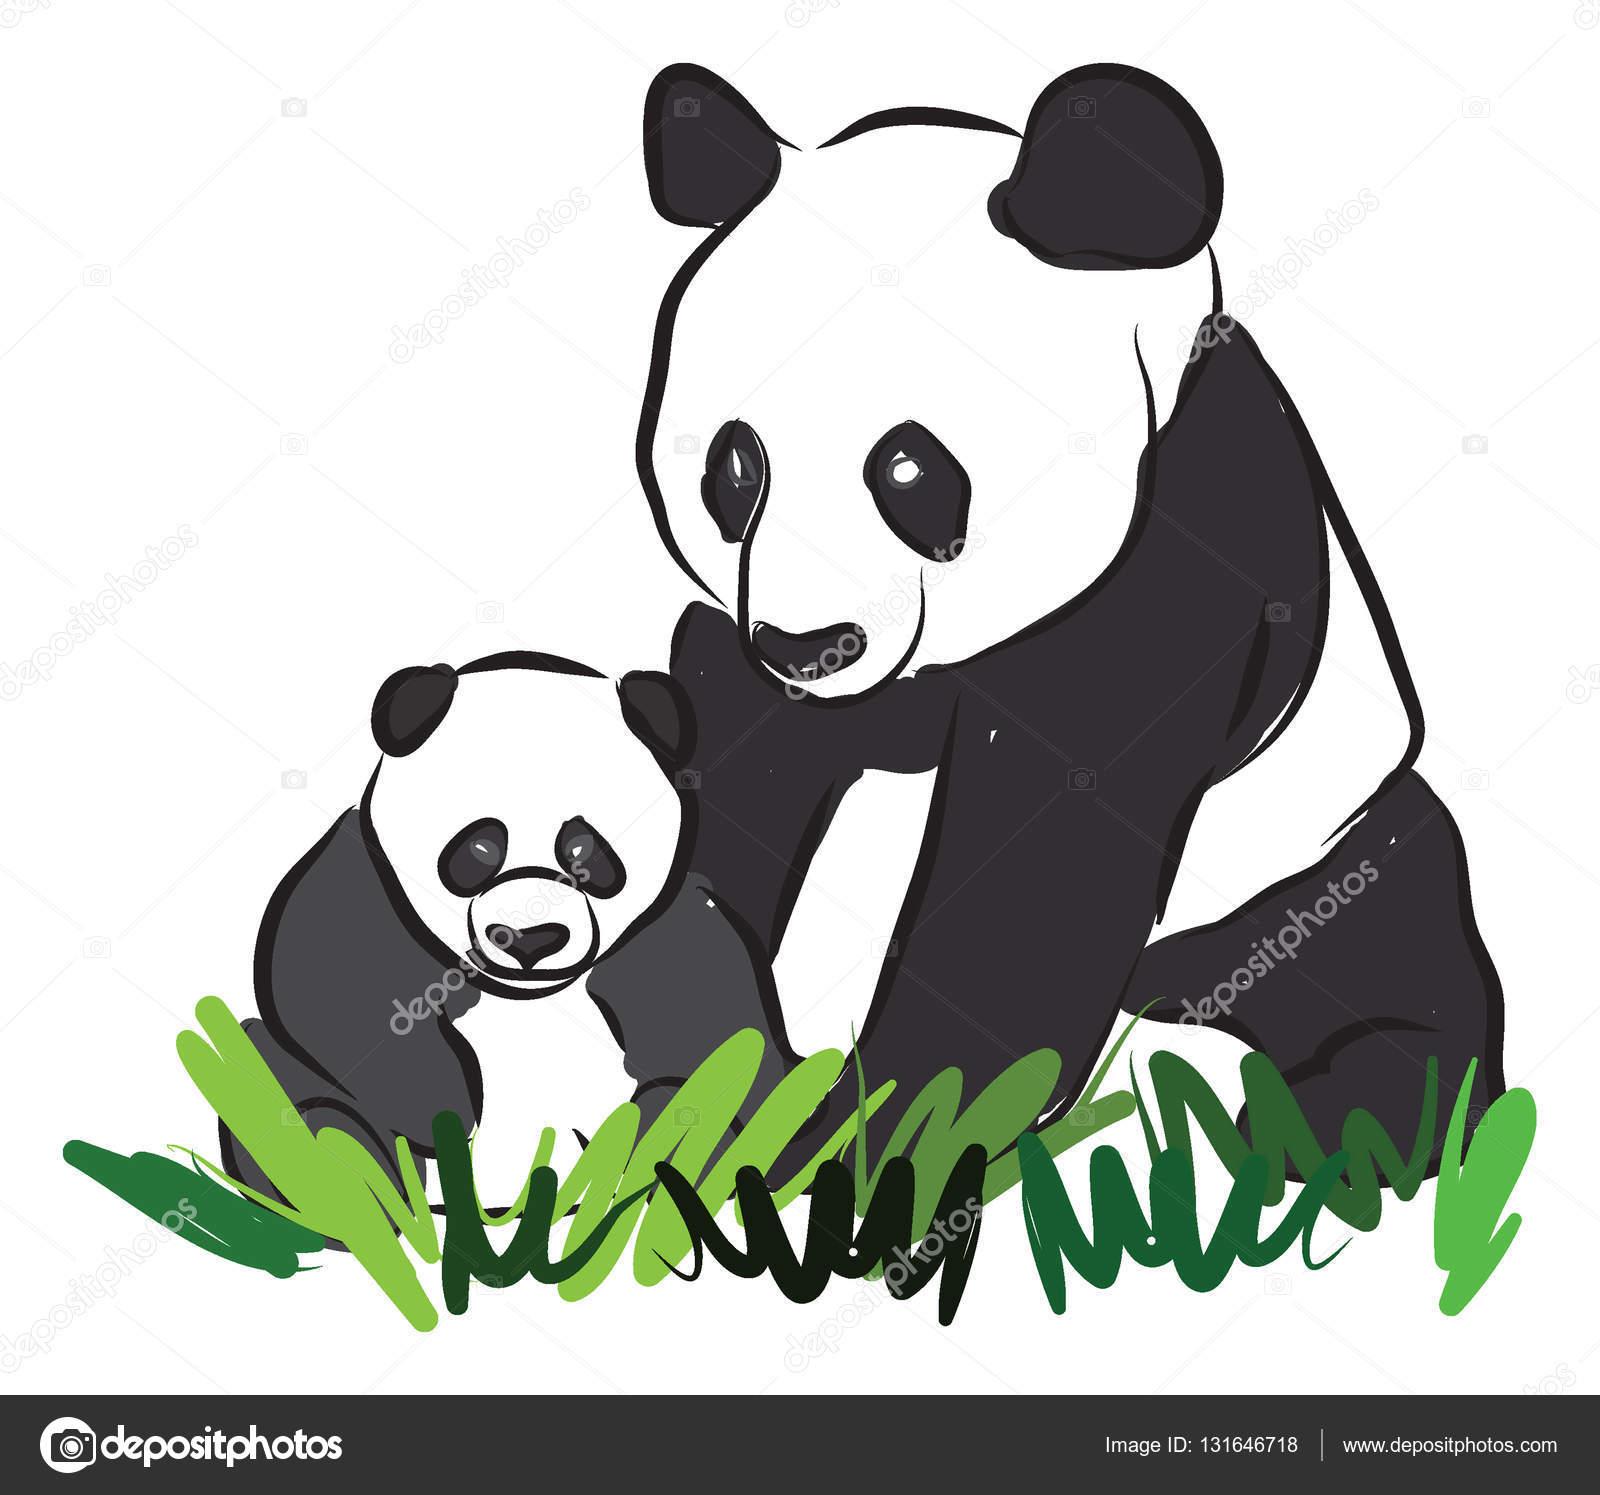 Deux pandas dessin illustration image vectorielle - Dessins de panda ...